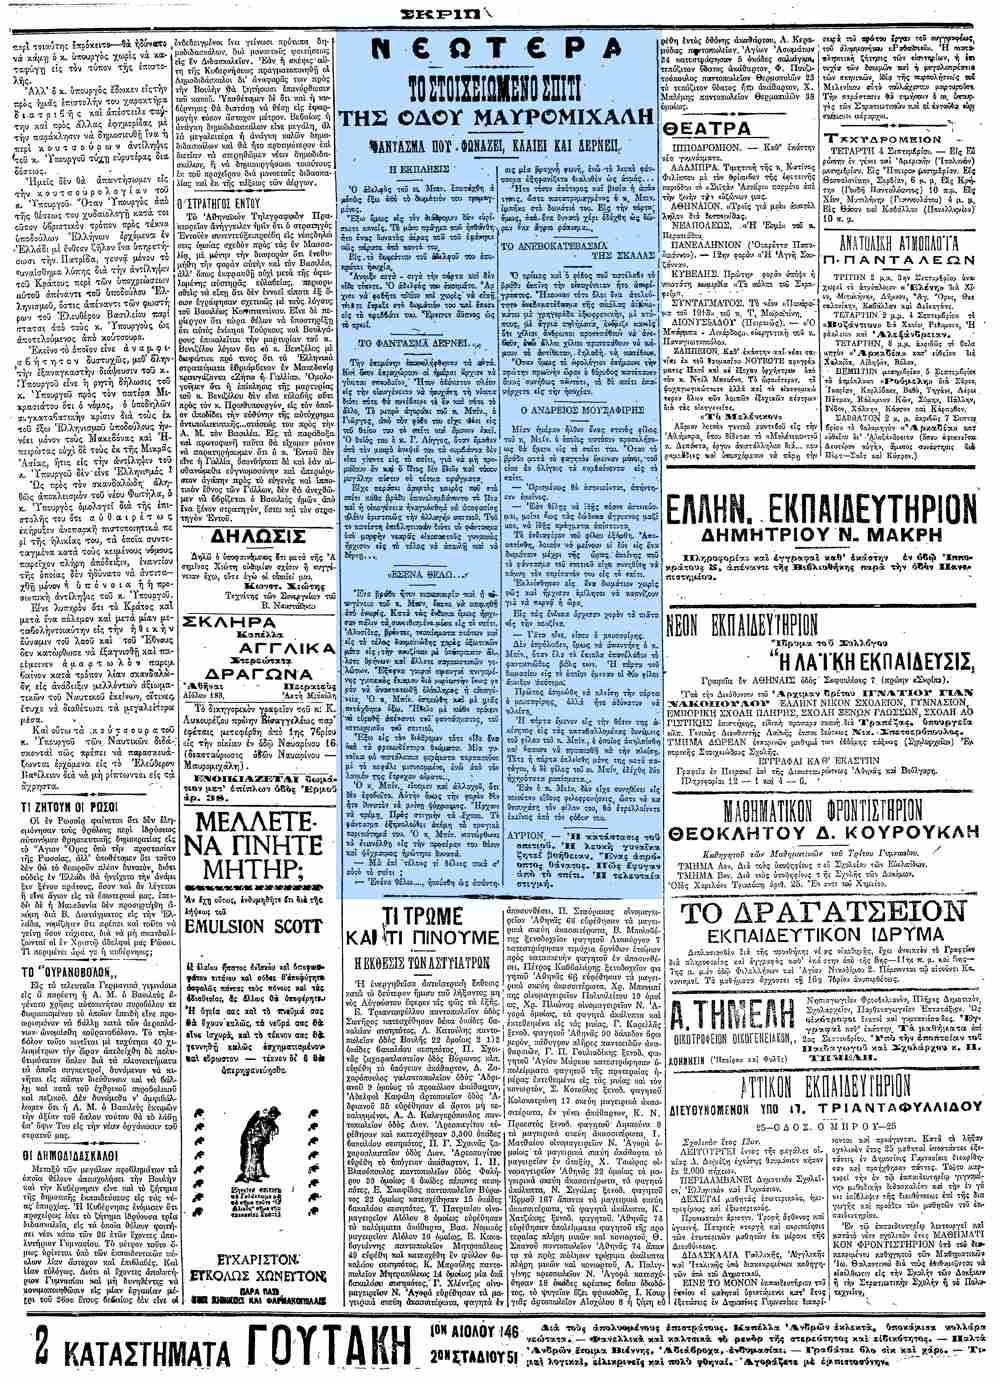 """Το άρθρο, όπως δημοσιεύθηκε στην εφημερίδα """"ΣΚΡΙΠ"""", στις 04/09/1913"""